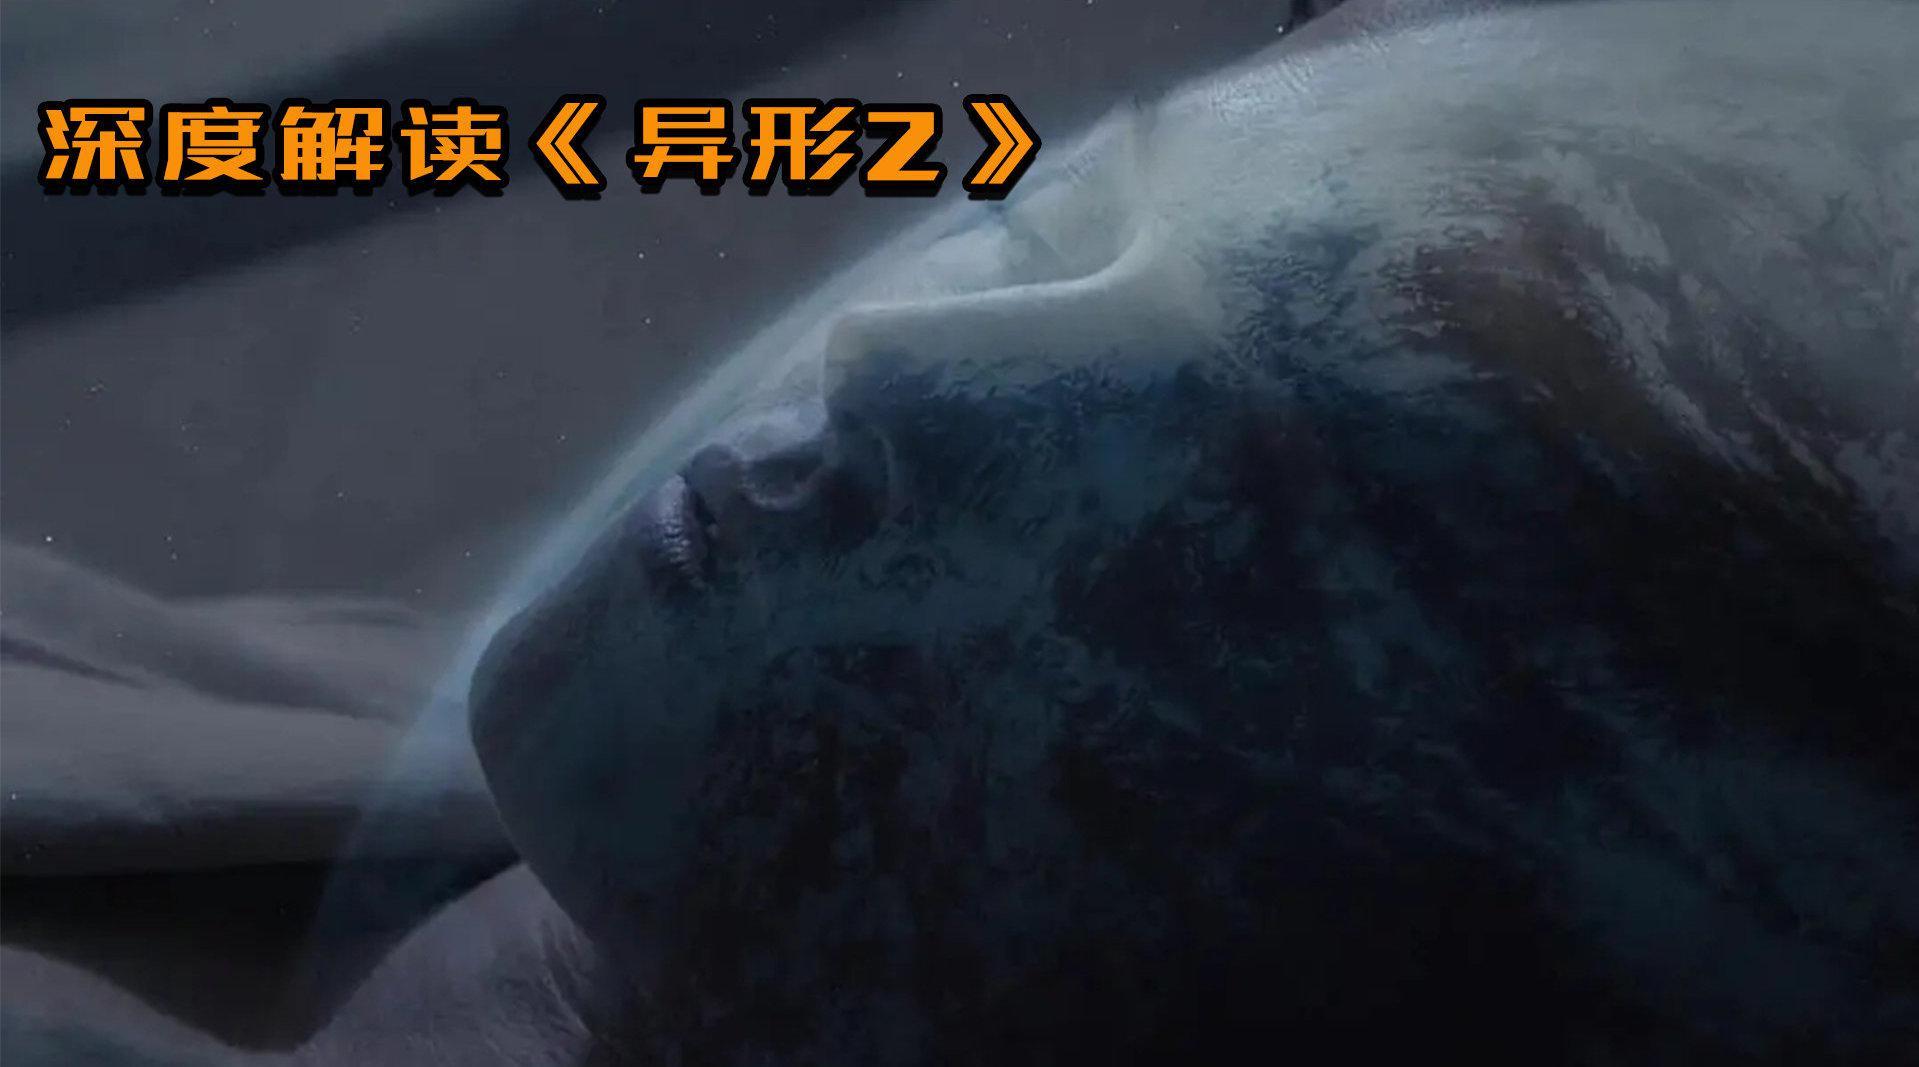 詹姆斯·卡梅隆执导《异形2》,女主为查清真相不惜故地重游…………